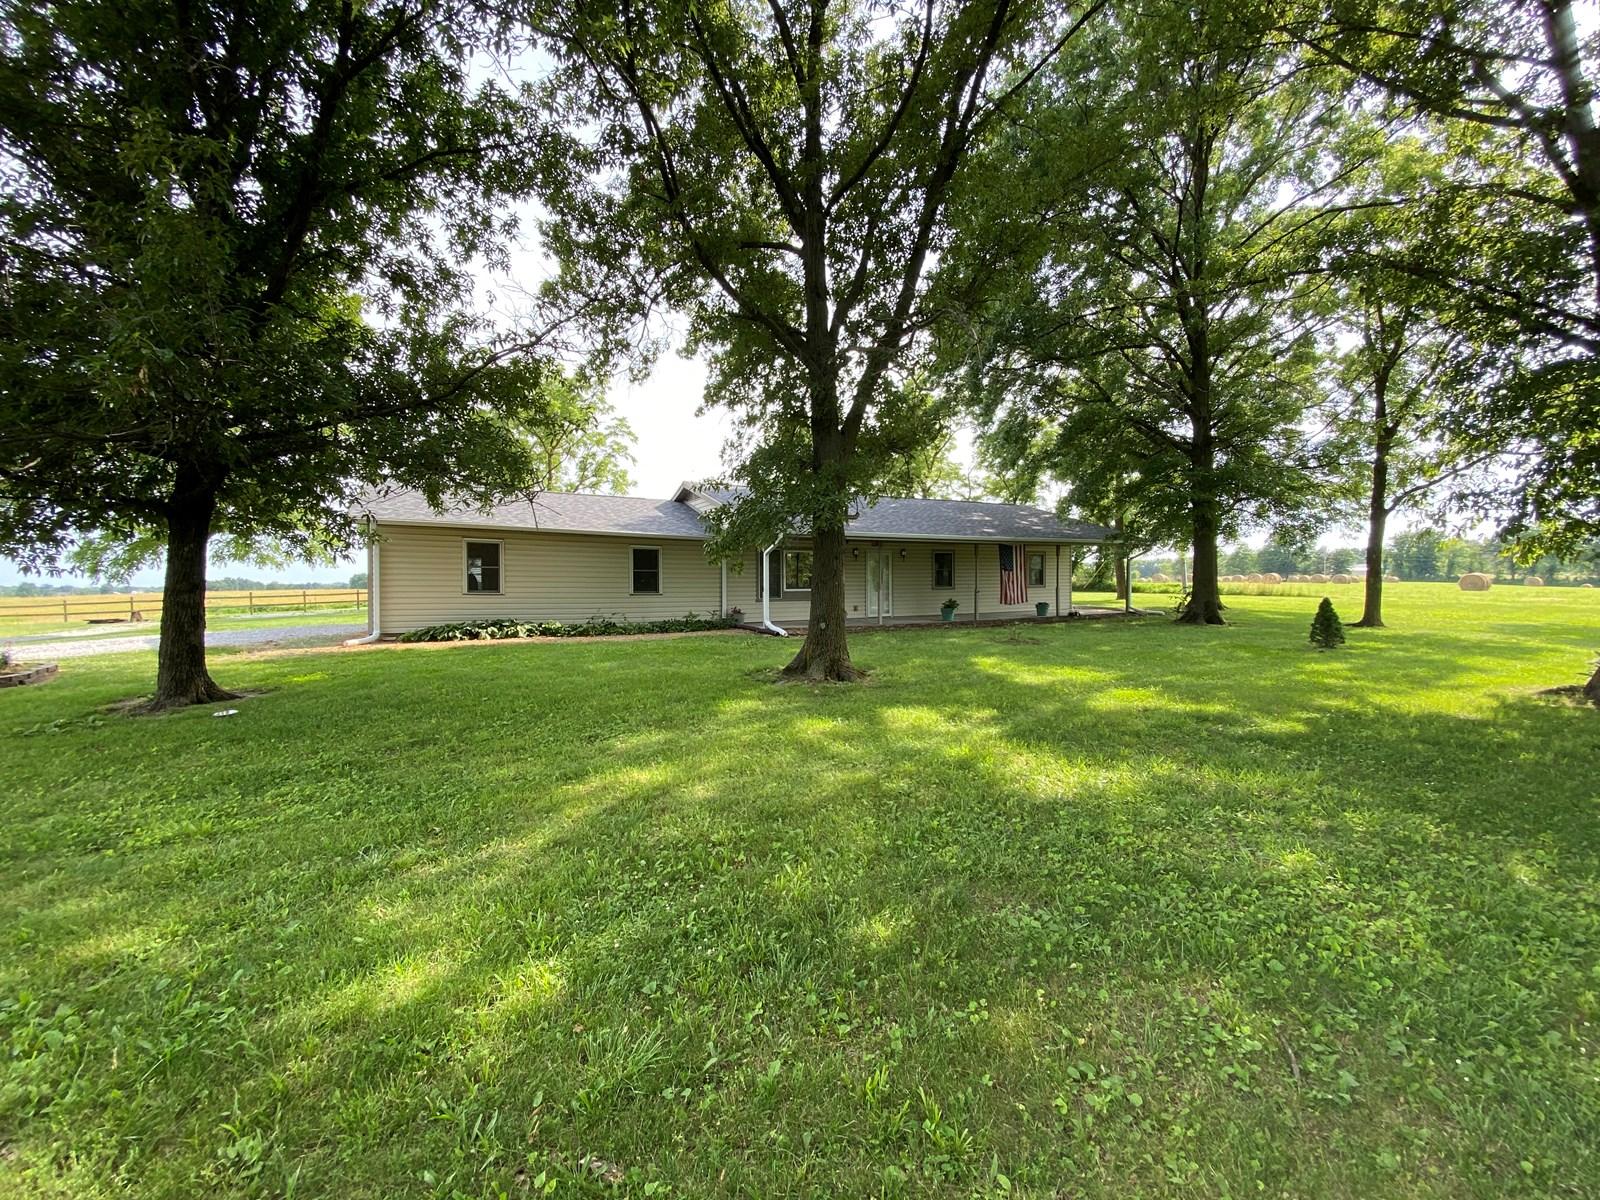 3BR, 1.5BA Country Home, Centralia, MO